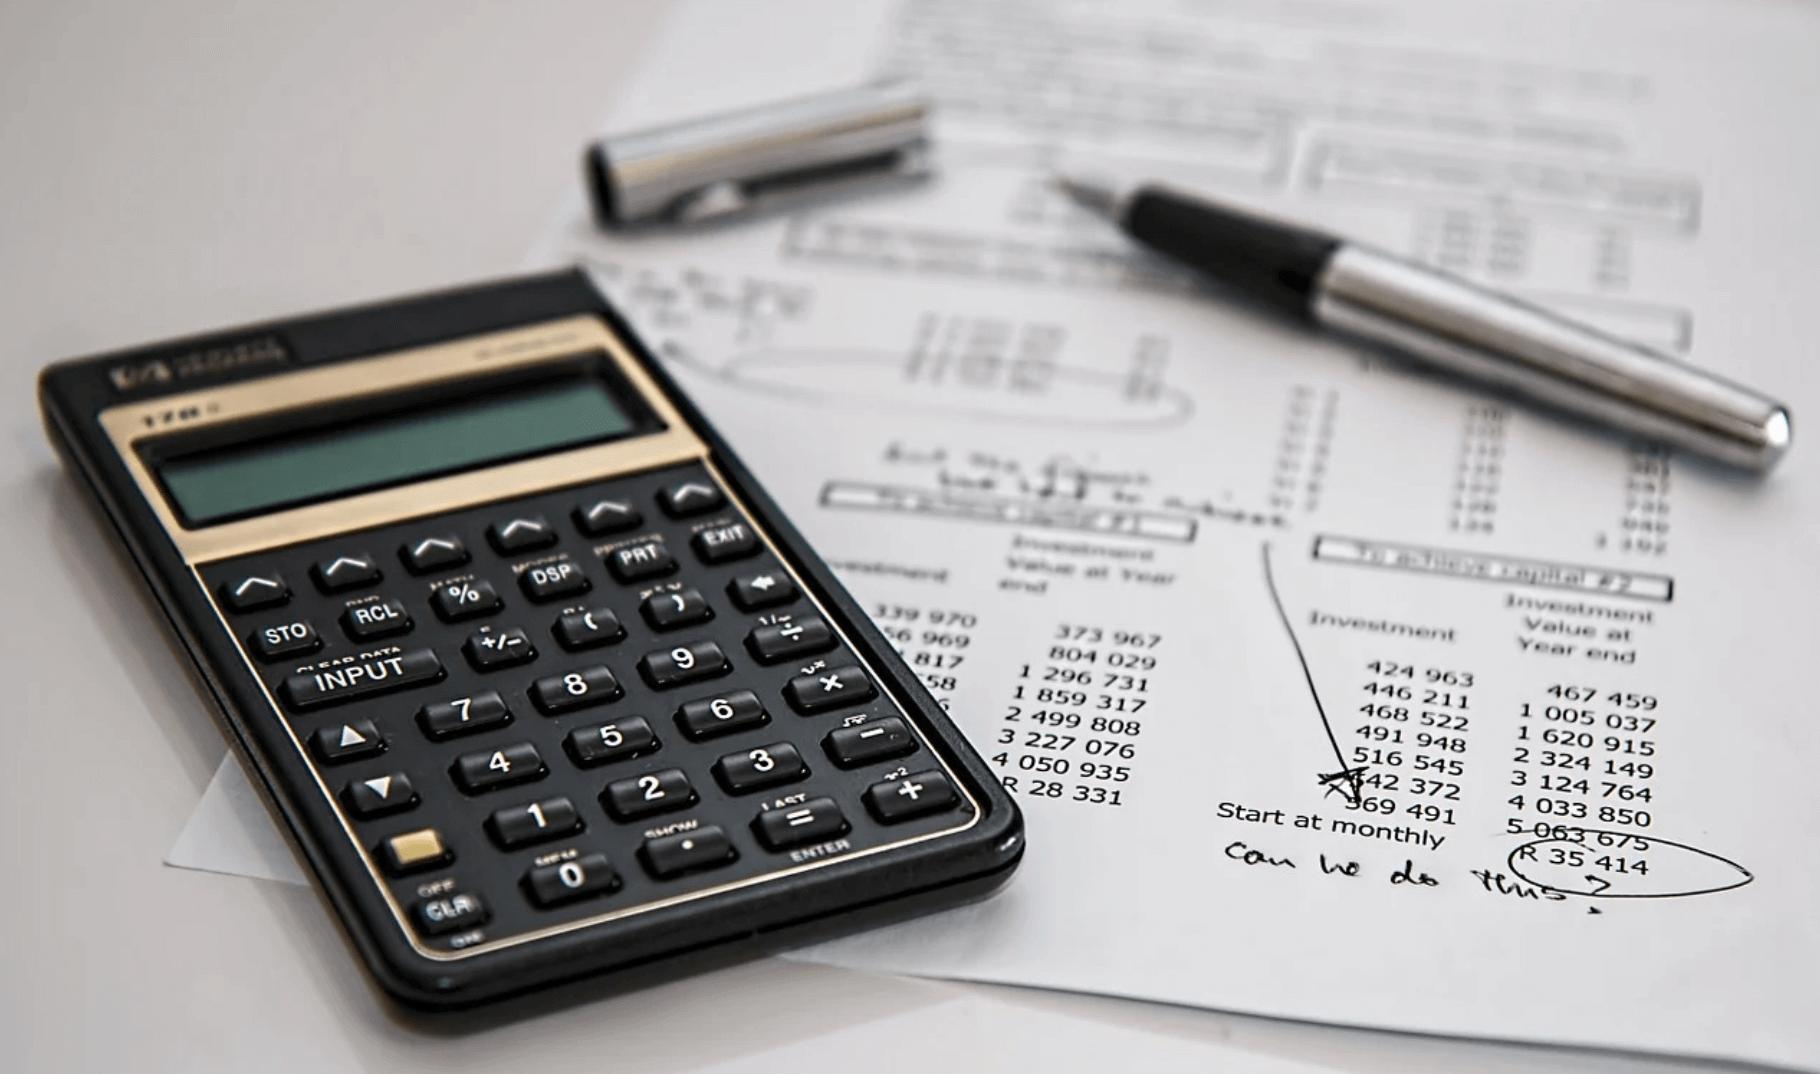 איך מבטלים פוליסת ביטוח ואיך זה ישנה לכם את החיים